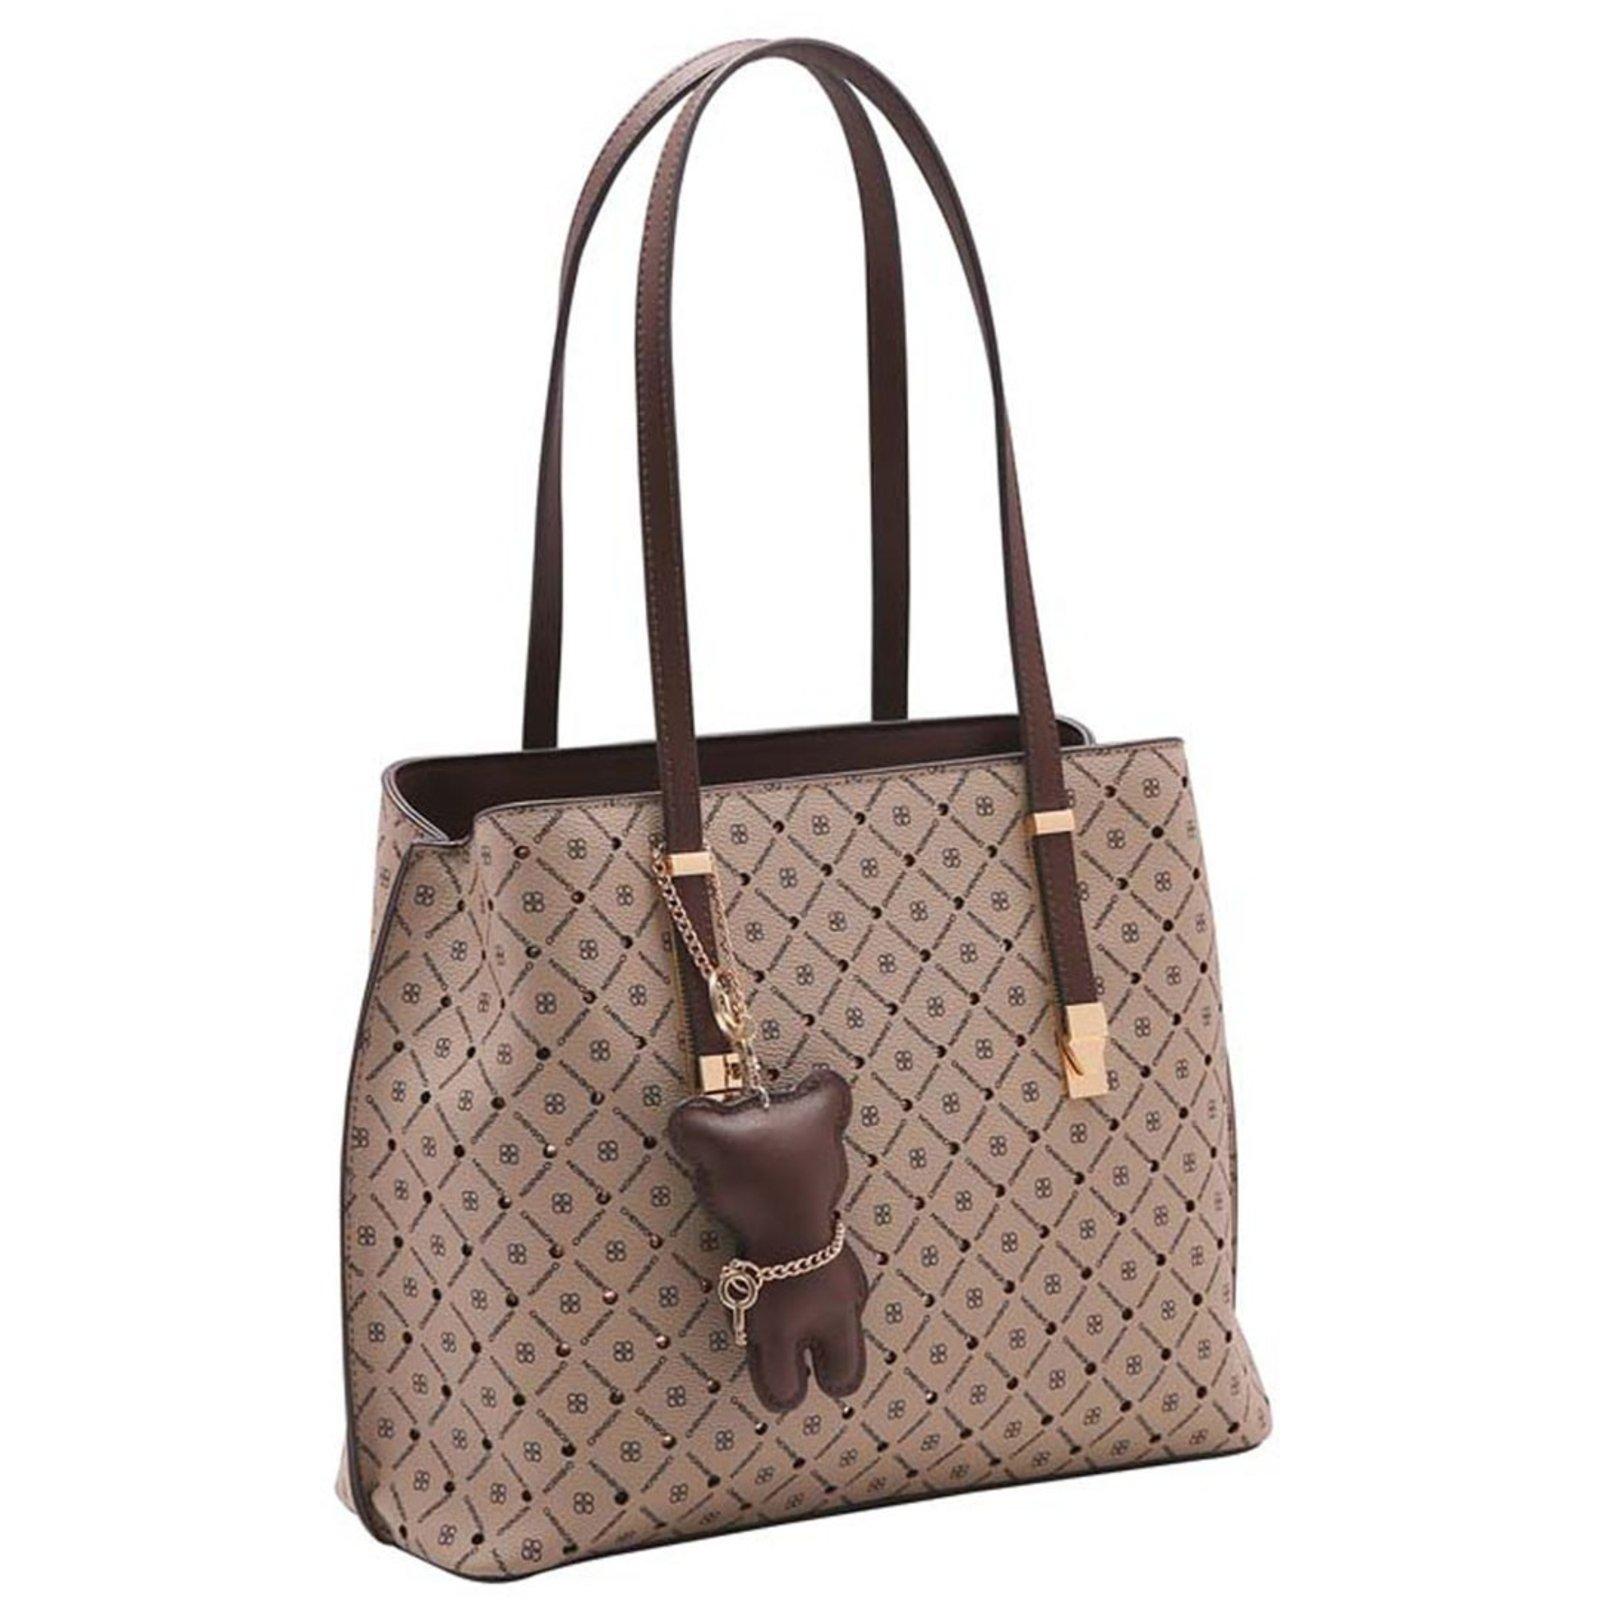 Bolsa Feminina Monograma Star De Ombro 3483296 Compre Agora Dafiti Brasil